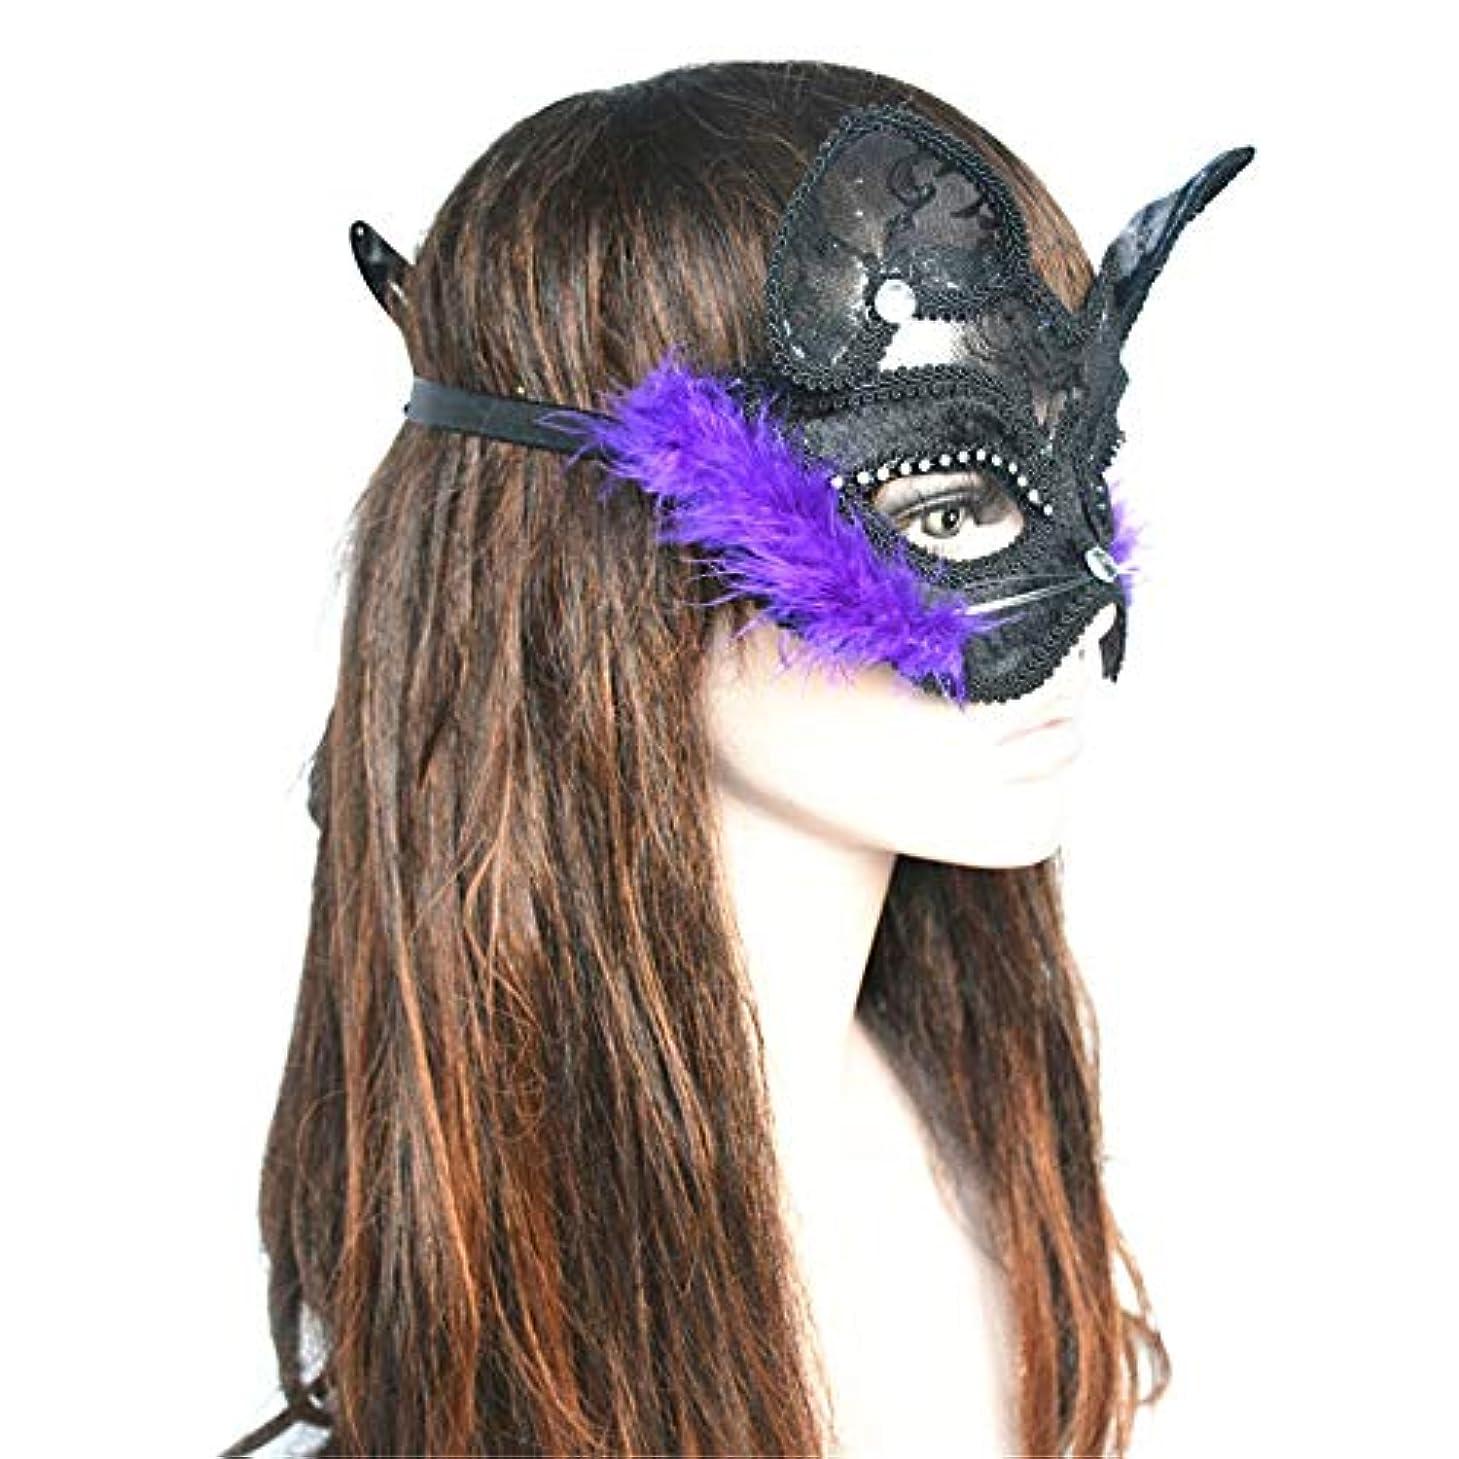 プレビスサイトできれば特別にダンスマスク レース楽しい女性動物猫顔ポリ塩化ビニールハロウィンマスククリスマス製品コスプレナイトクラブパーティーマスク ホリデーパーティー用品 (色 : 紫の, サイズ : 19x15.5cm)